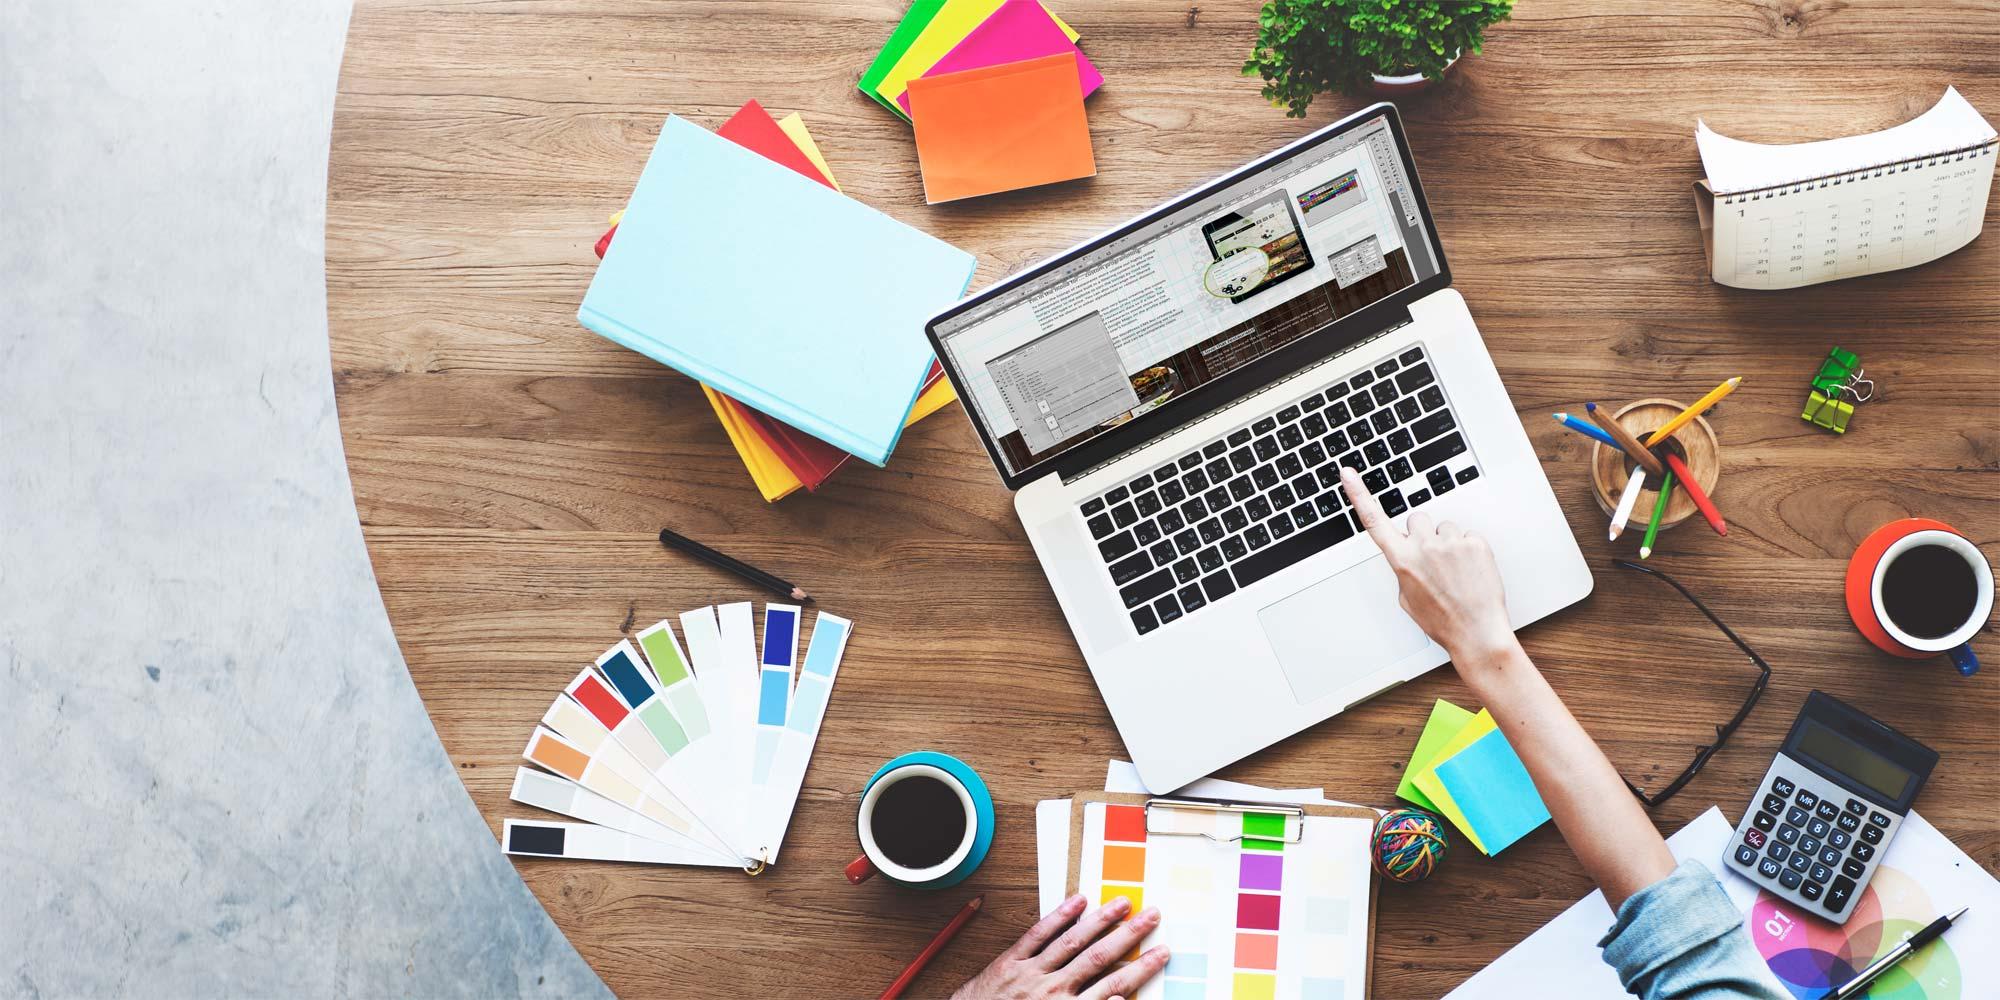 Khóa học thiết kế web tại Bình Dương 4